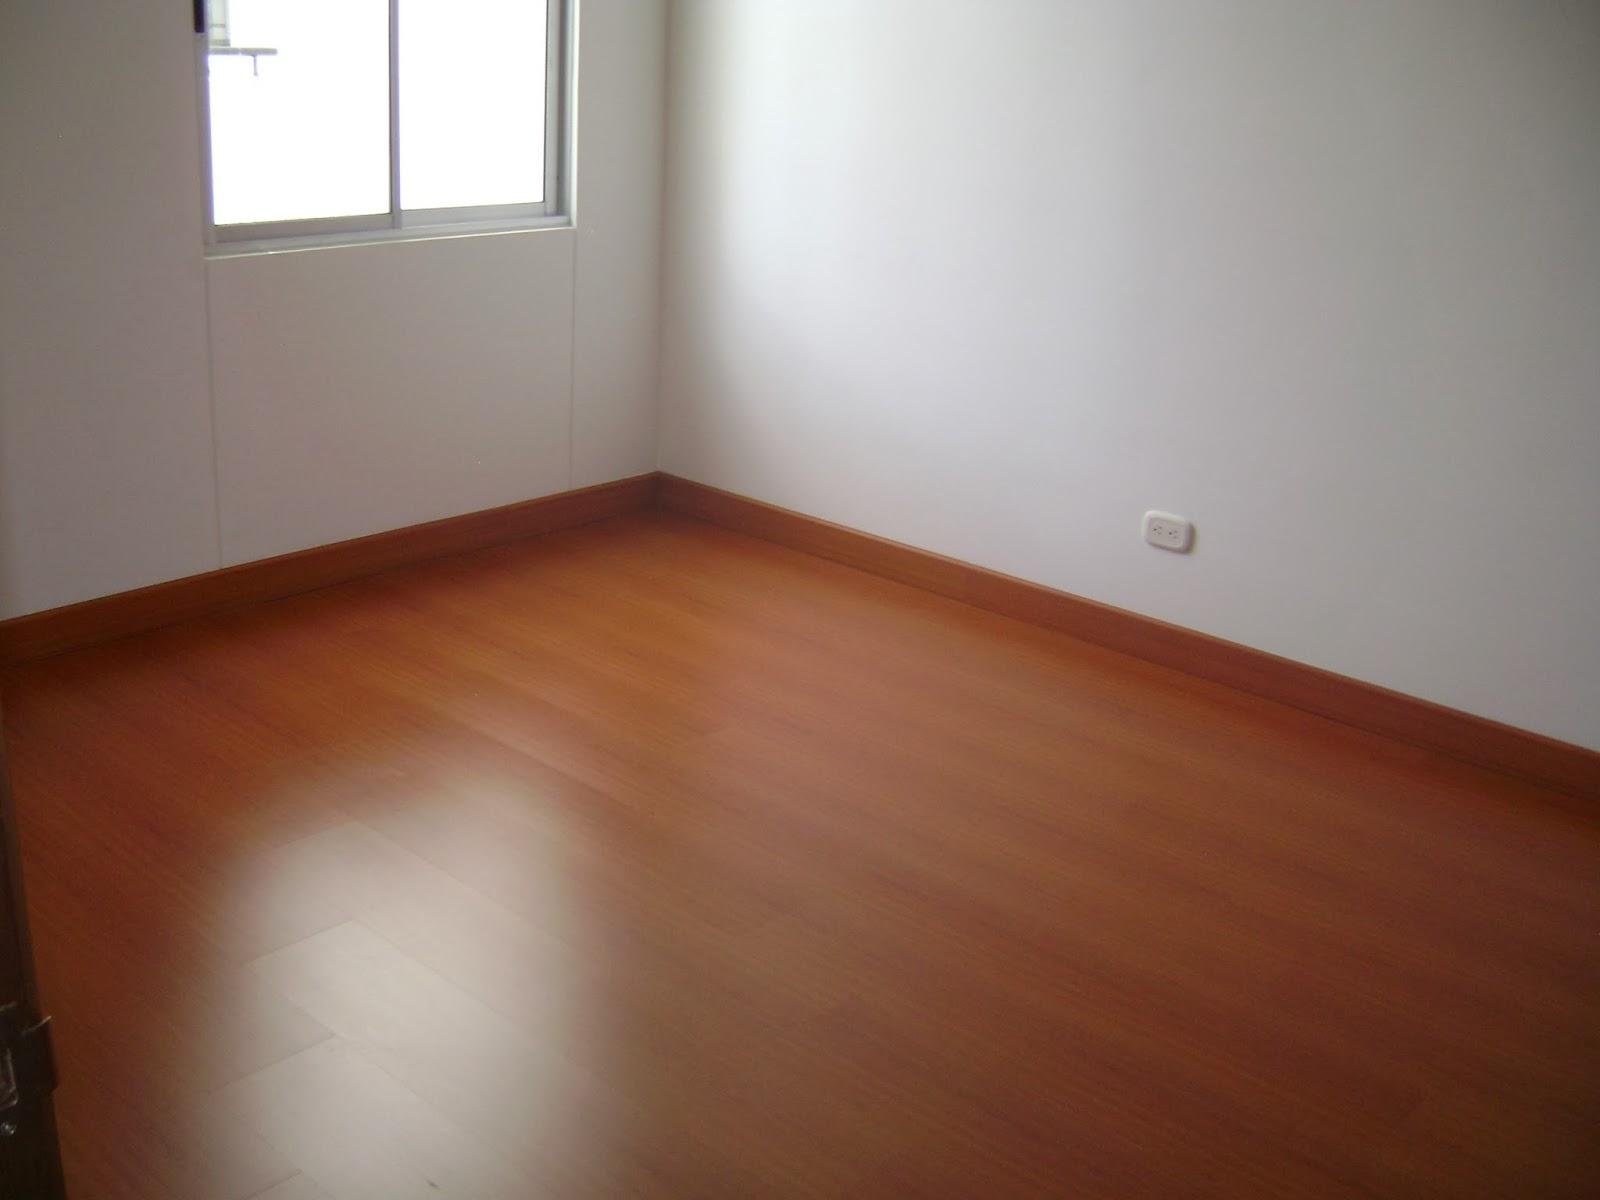 Inmobiliaria avivar for Inmobiliaria mi piso